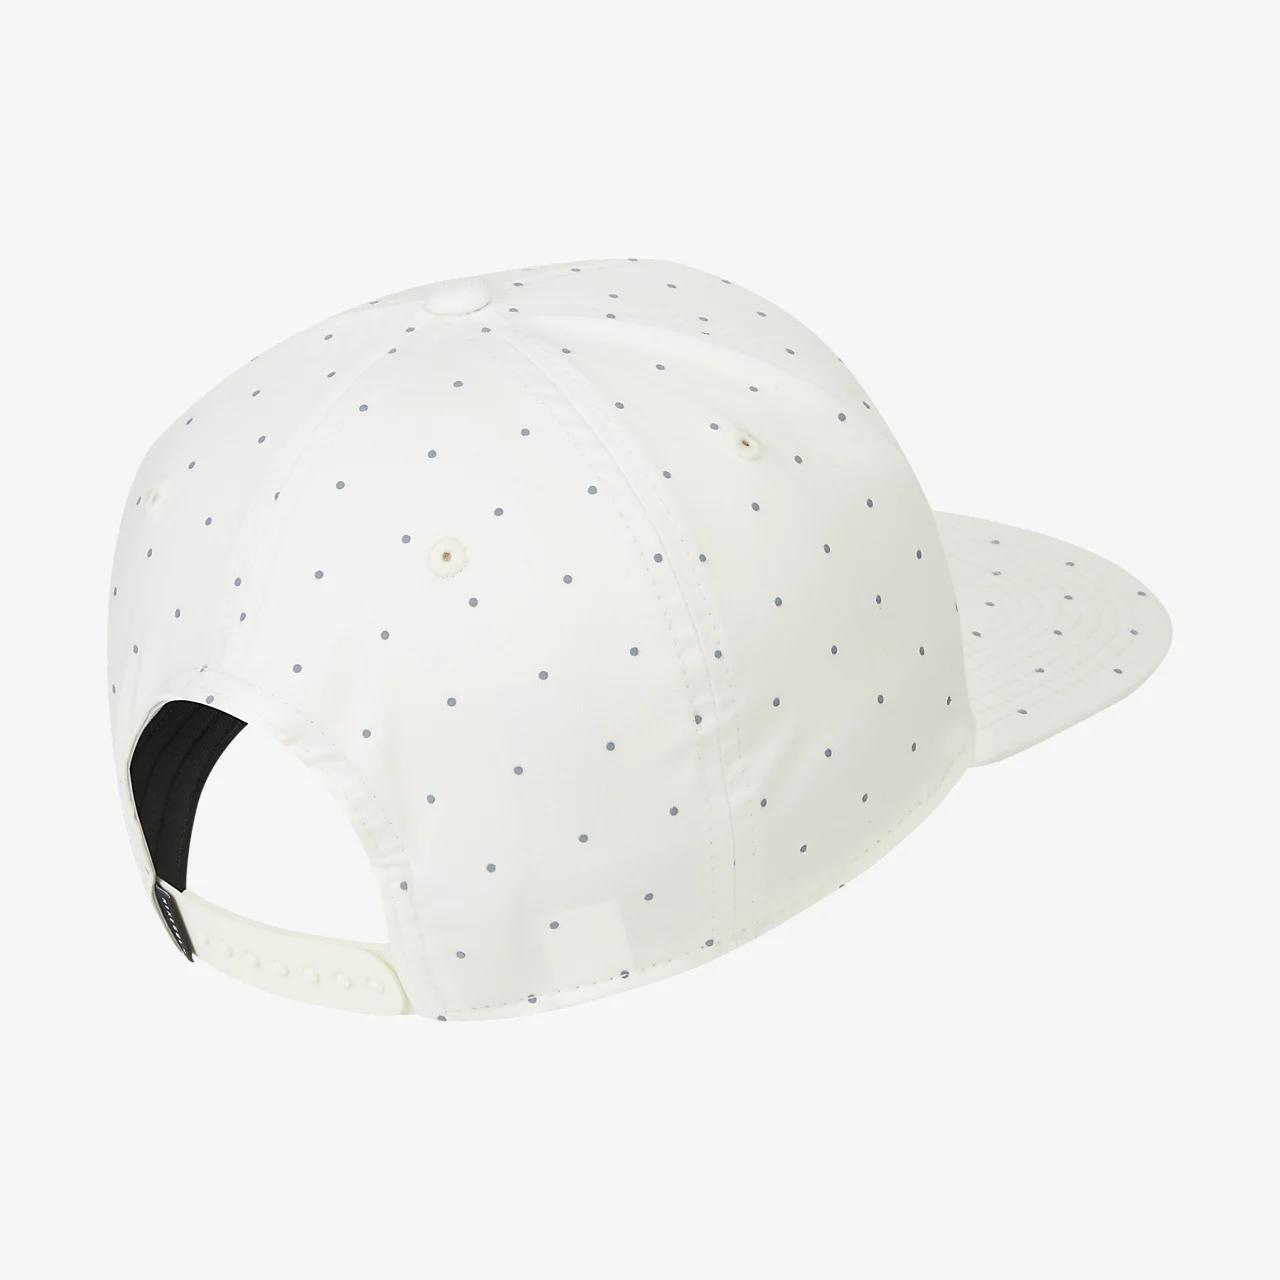 나이키 에어로빌 프린팅 골프 모자 CN2319-133